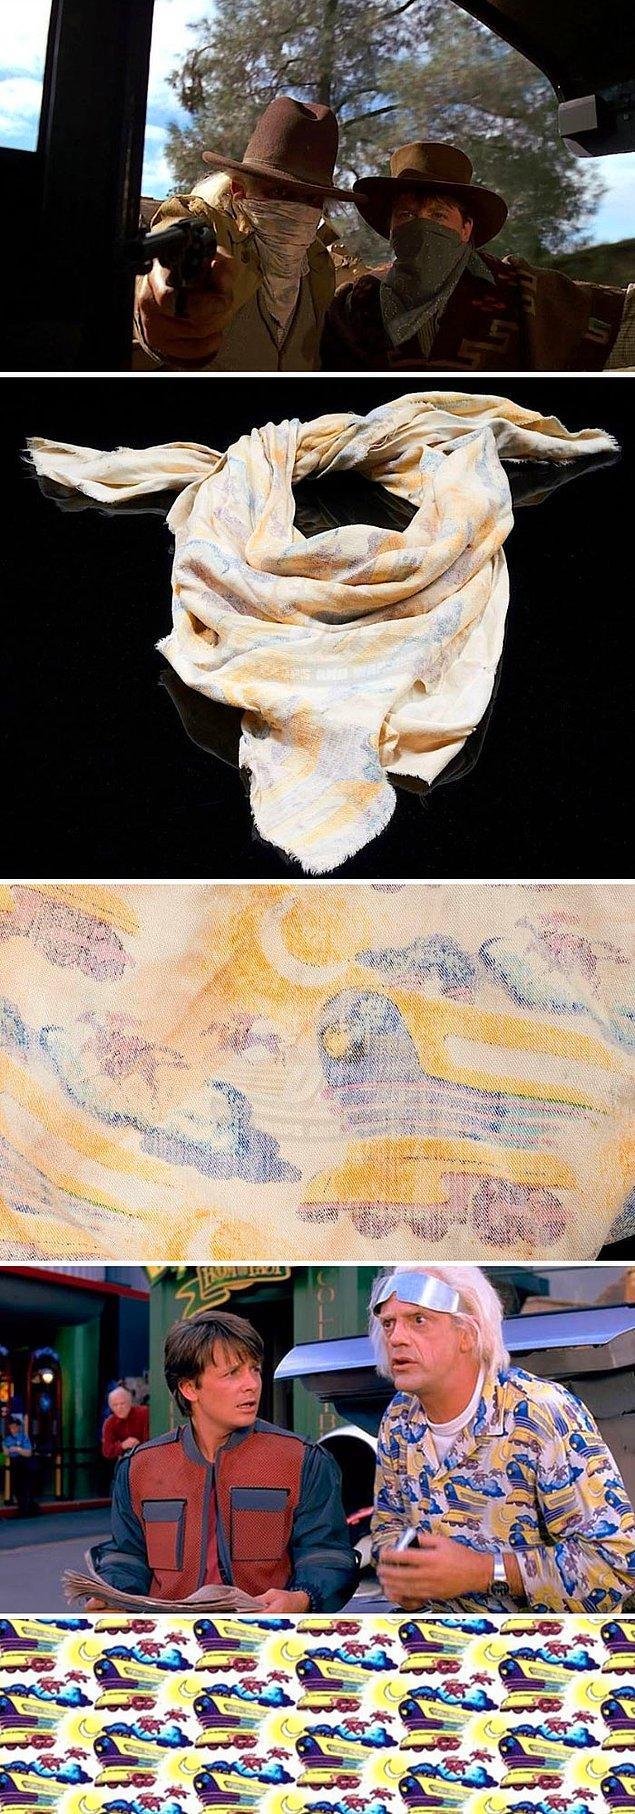 23. Geleceğe Dönüş 3'te doktorun boynuna bağladığı fular, 2. filmdeki gömleğinden yapılmıştır.